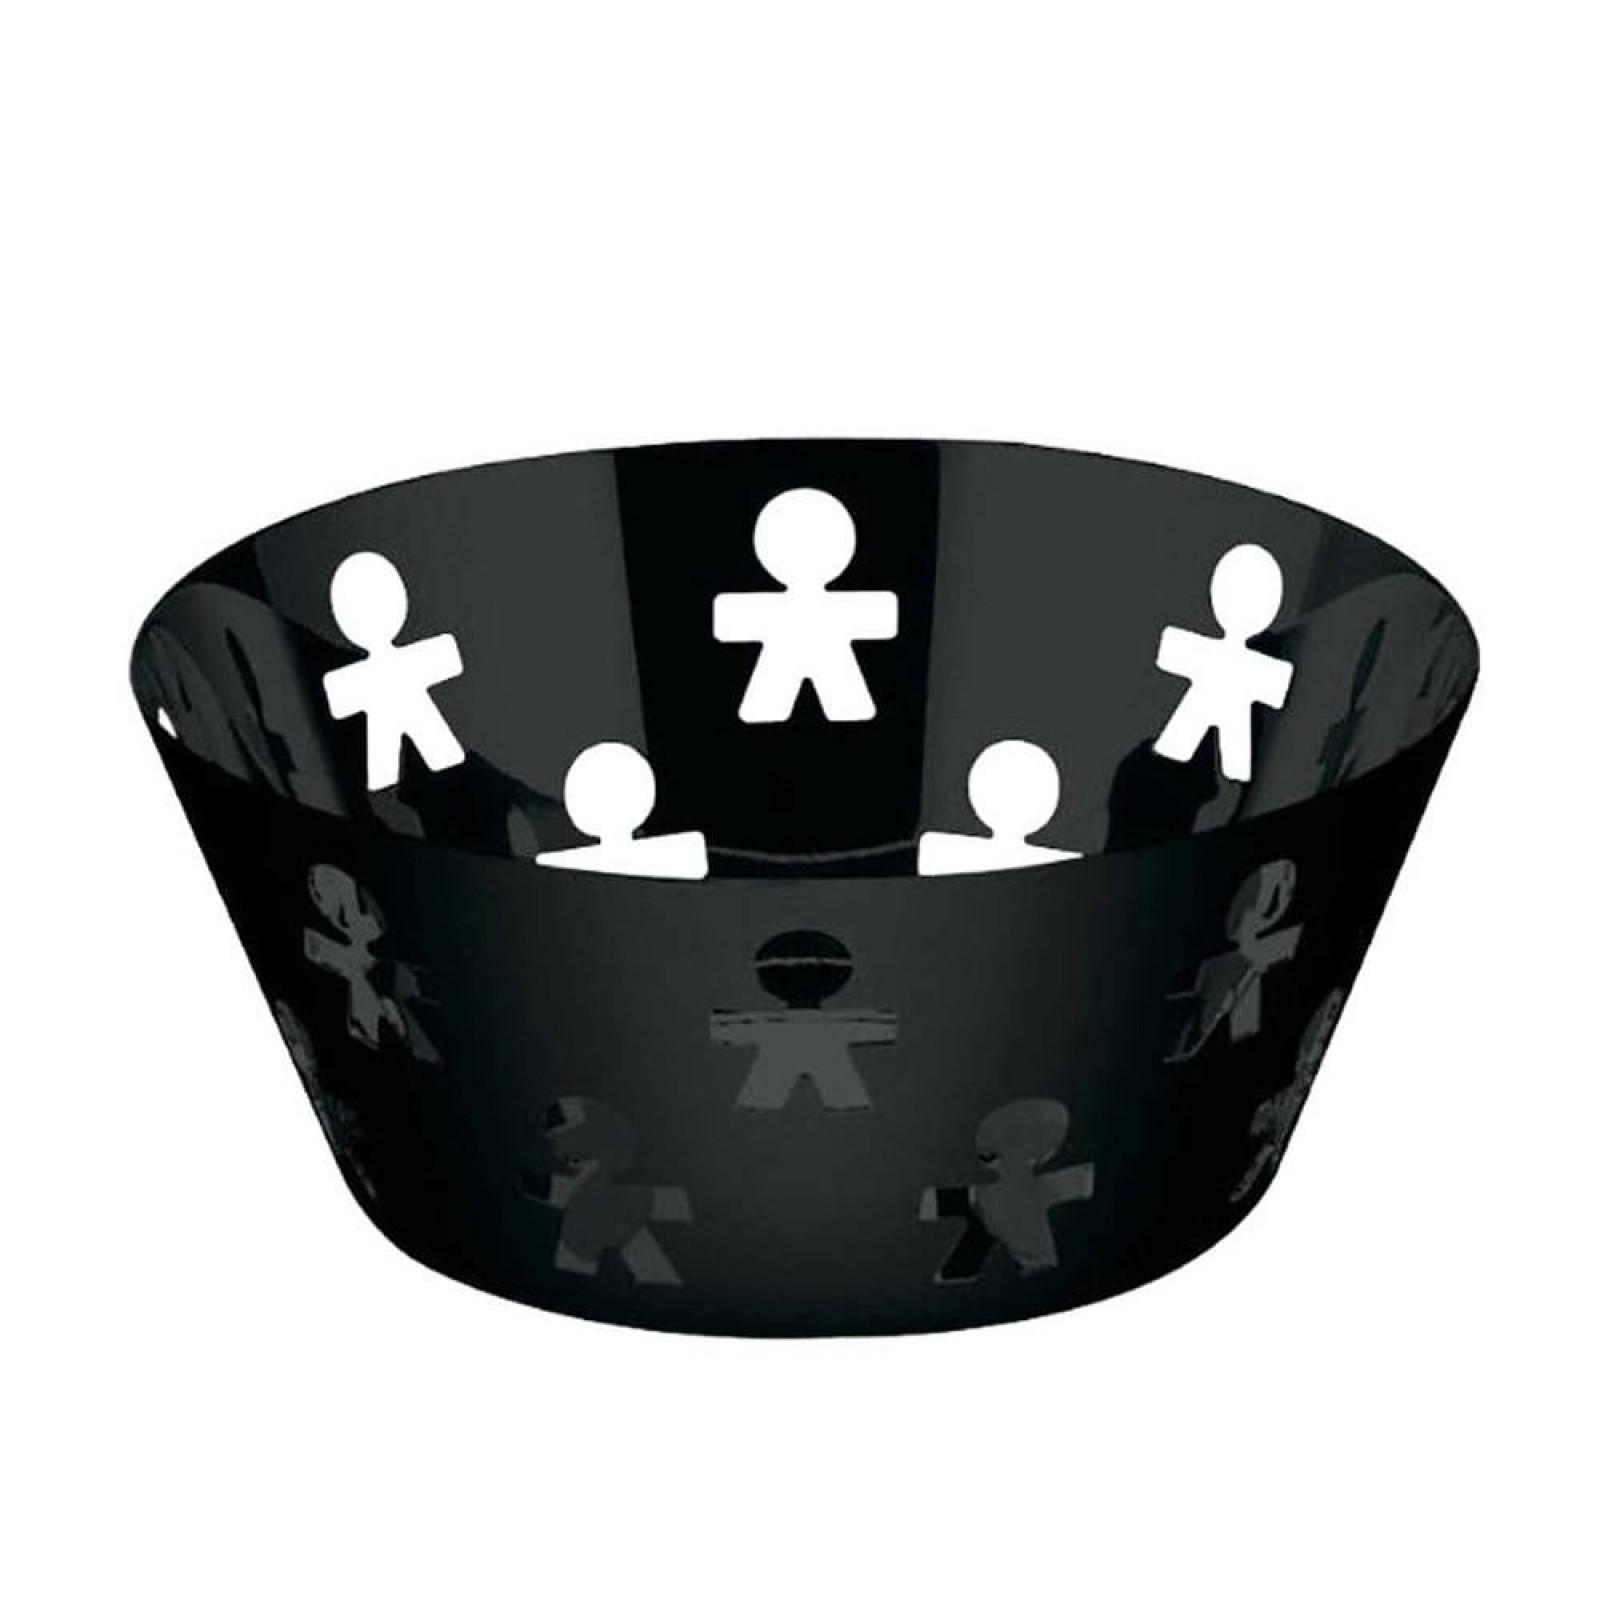 Girotondo Round Basket (Black) - Alessi